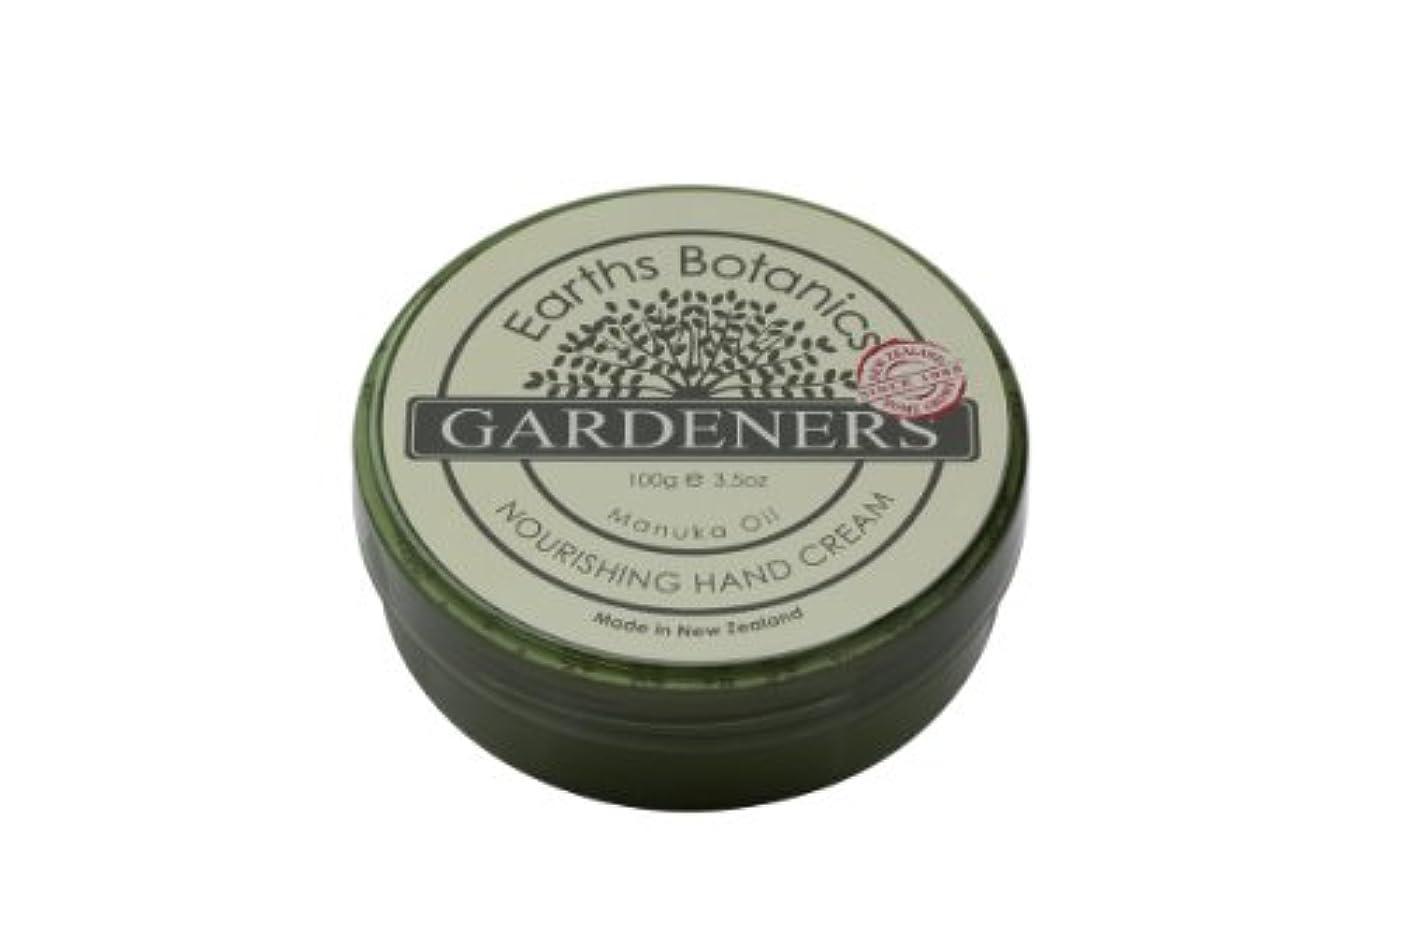 目指す顎流行Earths Botanics GARDENERS(ガーデナーズ) ハンド&ボディクリーム 100g